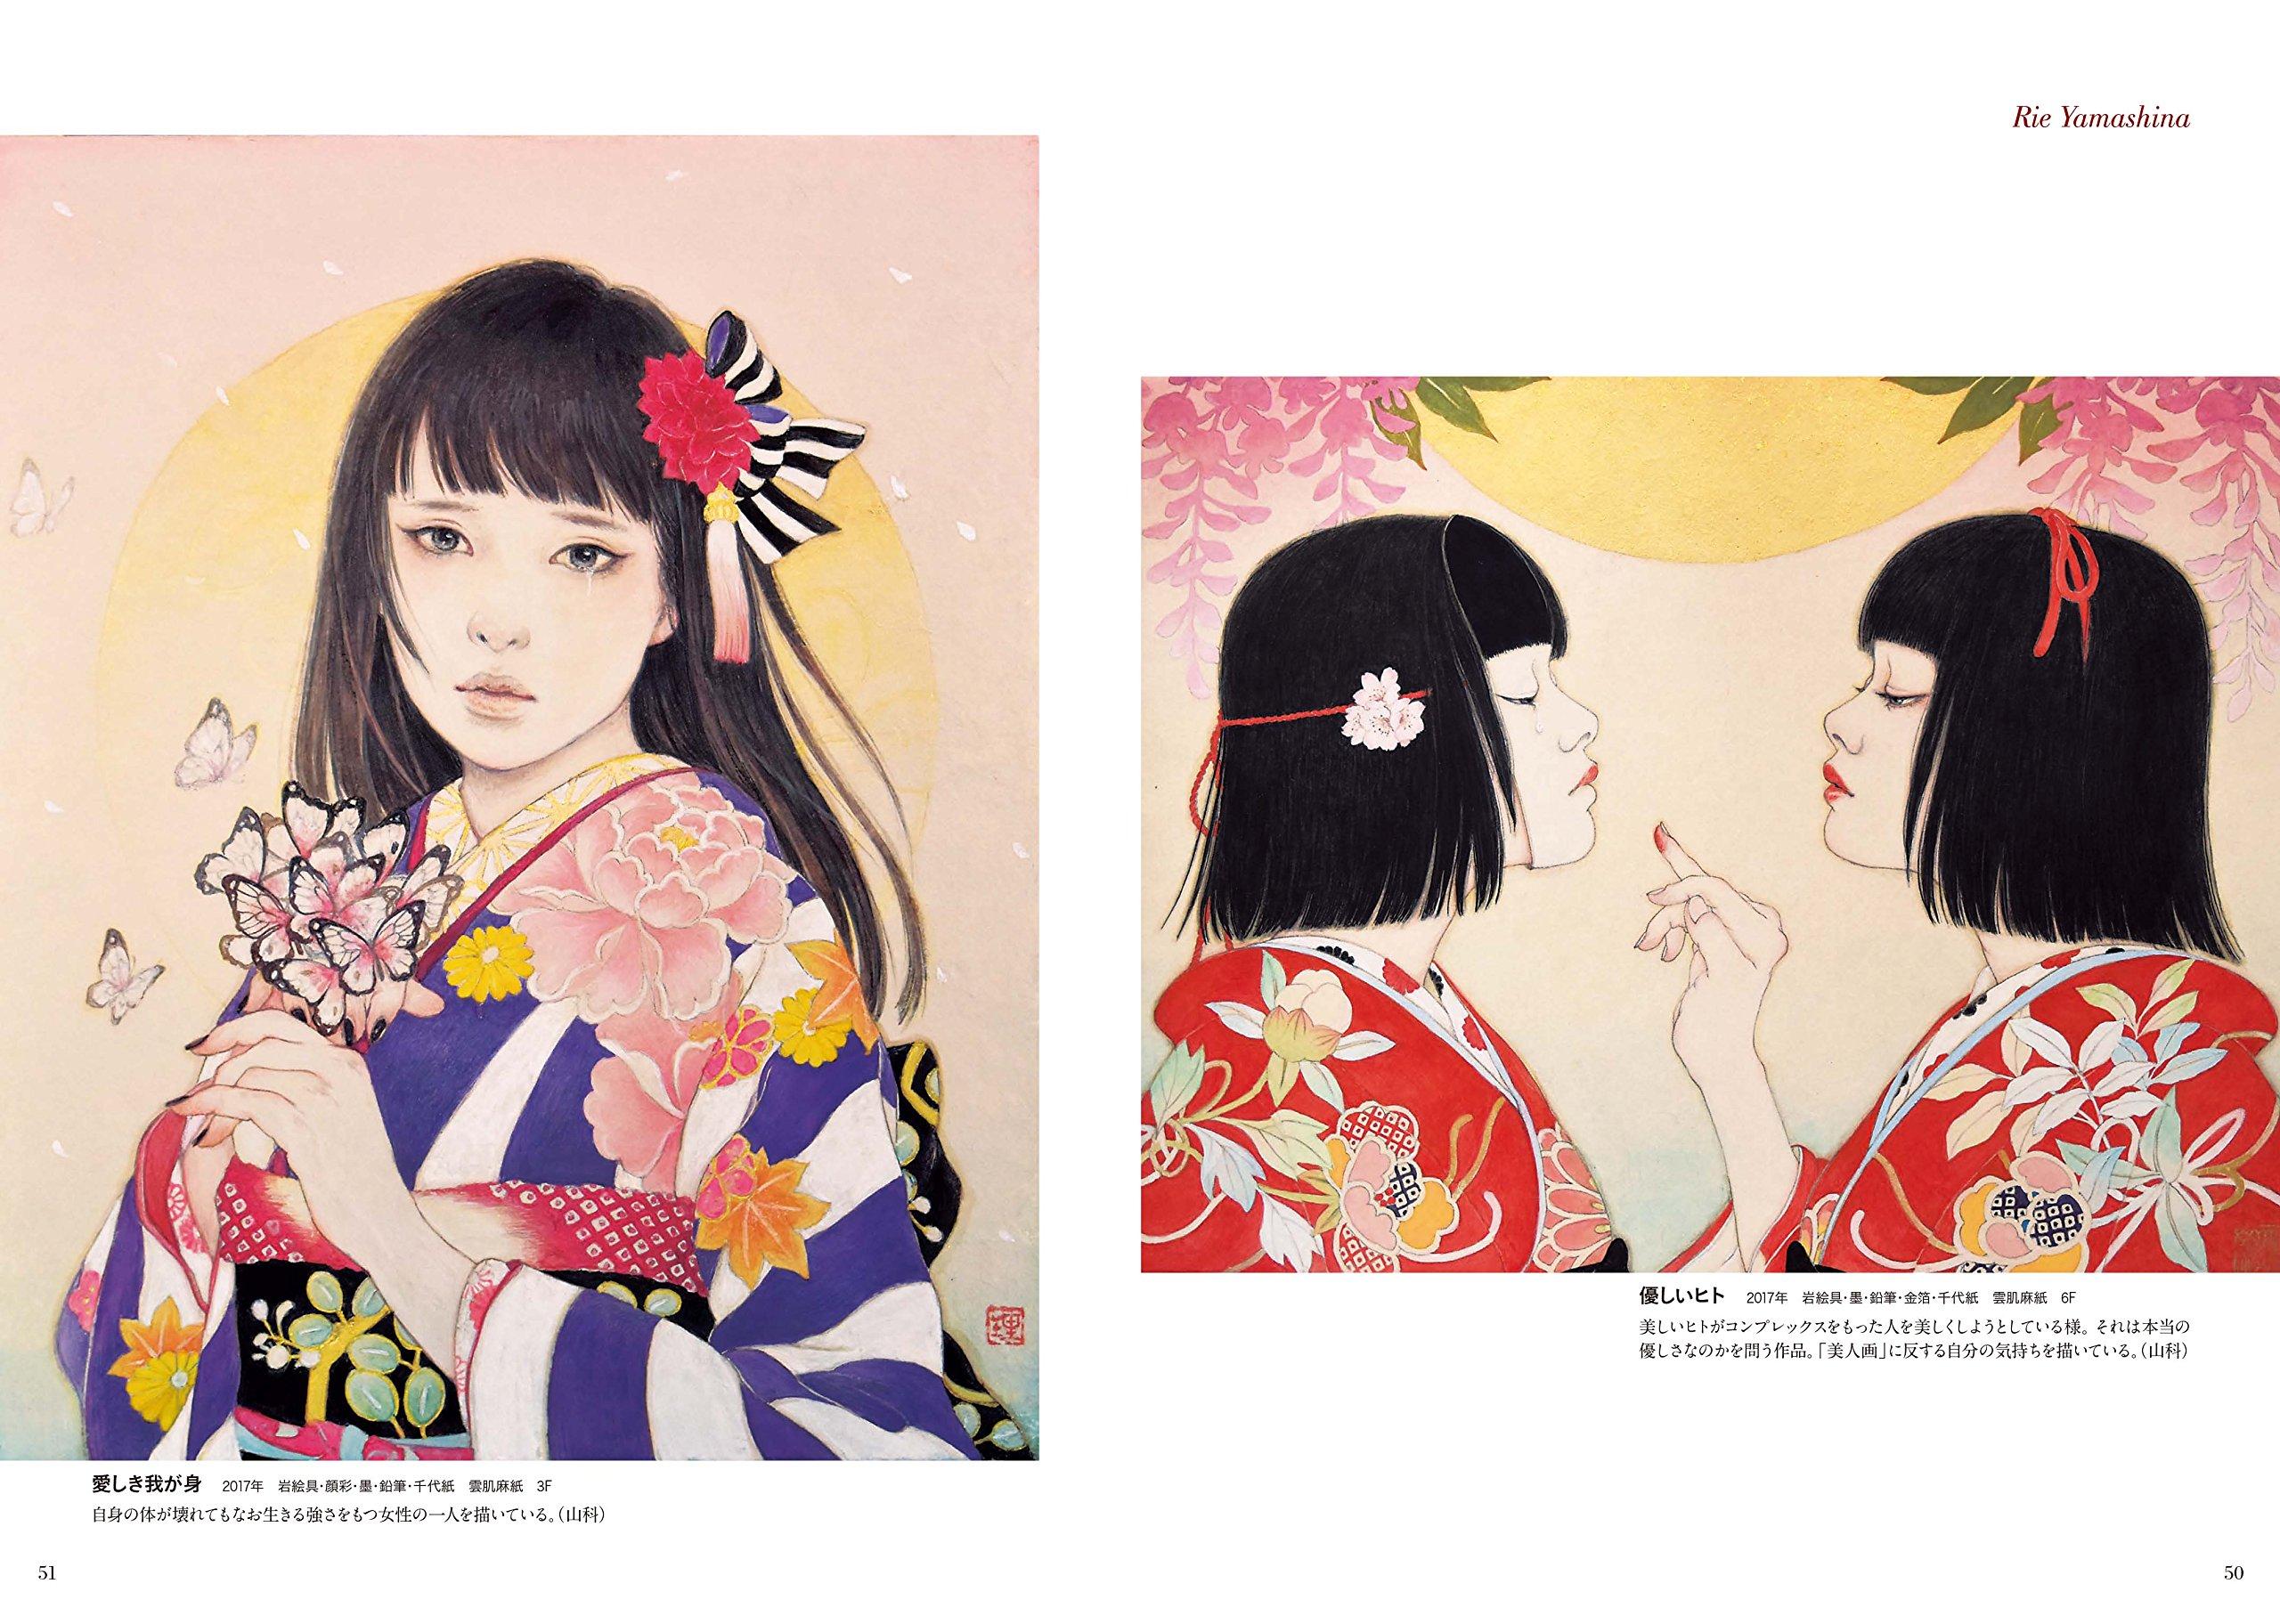 日本画家が描く美人画の世界 Japaaan